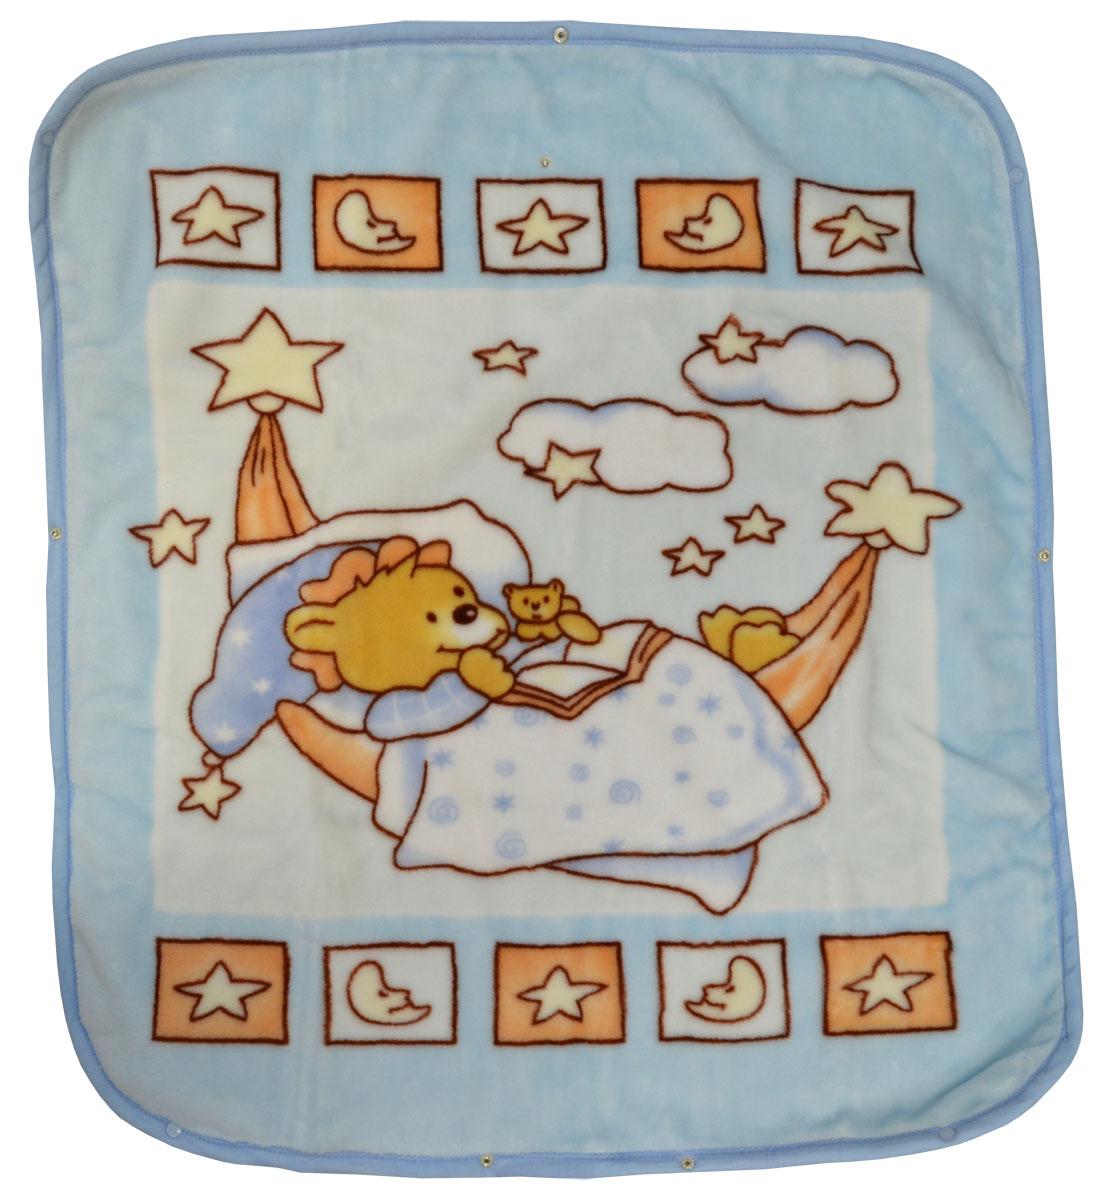 Плед-накидка для младенцев 80Х90 см коралфлис голубойОКПСД/110х140-3Защита, тепло и комфорт для малышей - использован надёжный, качественный и мягкий материал! Удобство и спокойствие для родителей обеспечивается универсальностью пледа-накидки, конструкция которого позволяет ему легко превращаться в конвертик. Отличное качество и практичность! Любите своего ребёнка и дарите ему лучшее!